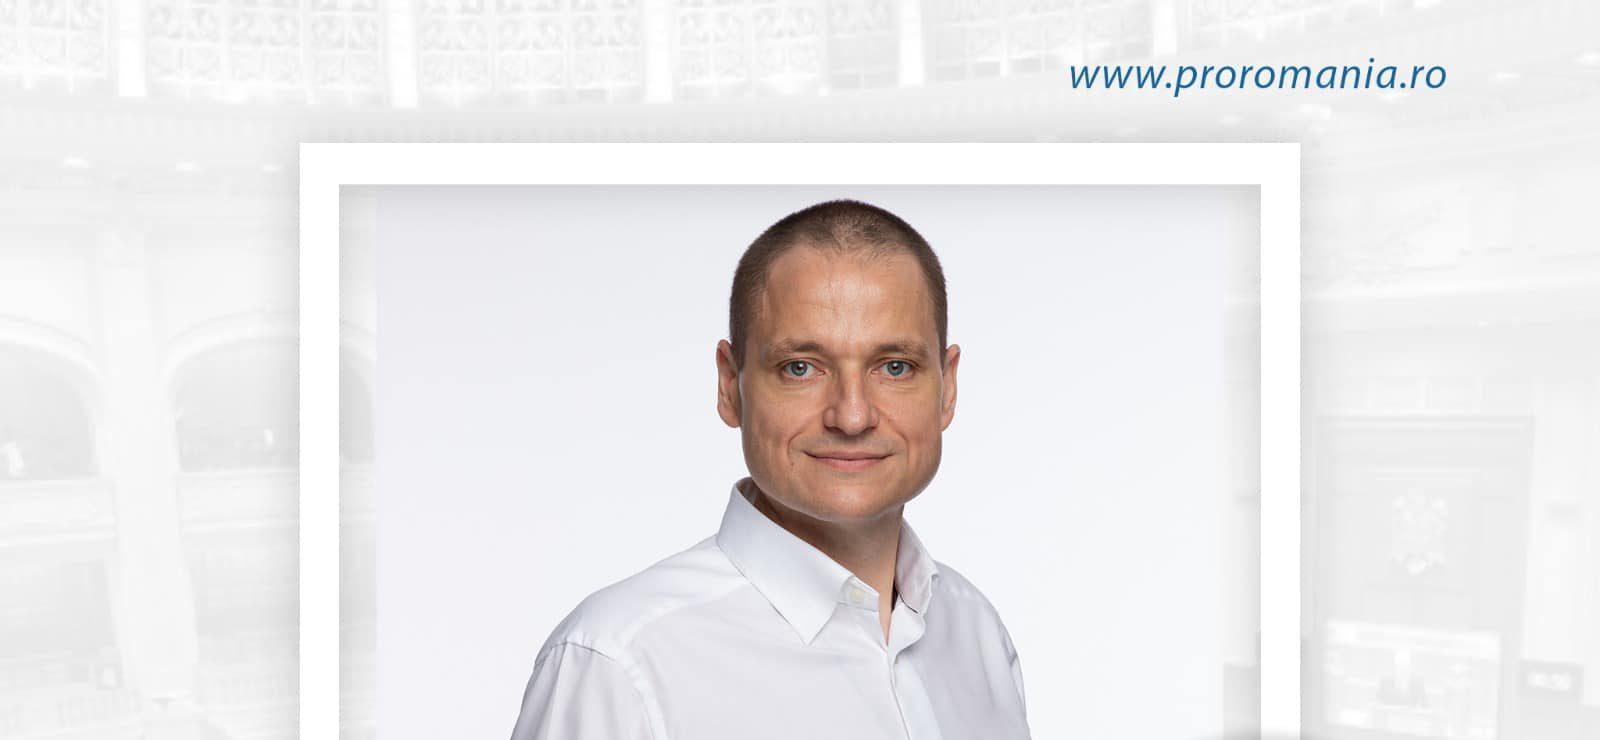 Mircea Dobre, Pro România, mesaj pentru alegători